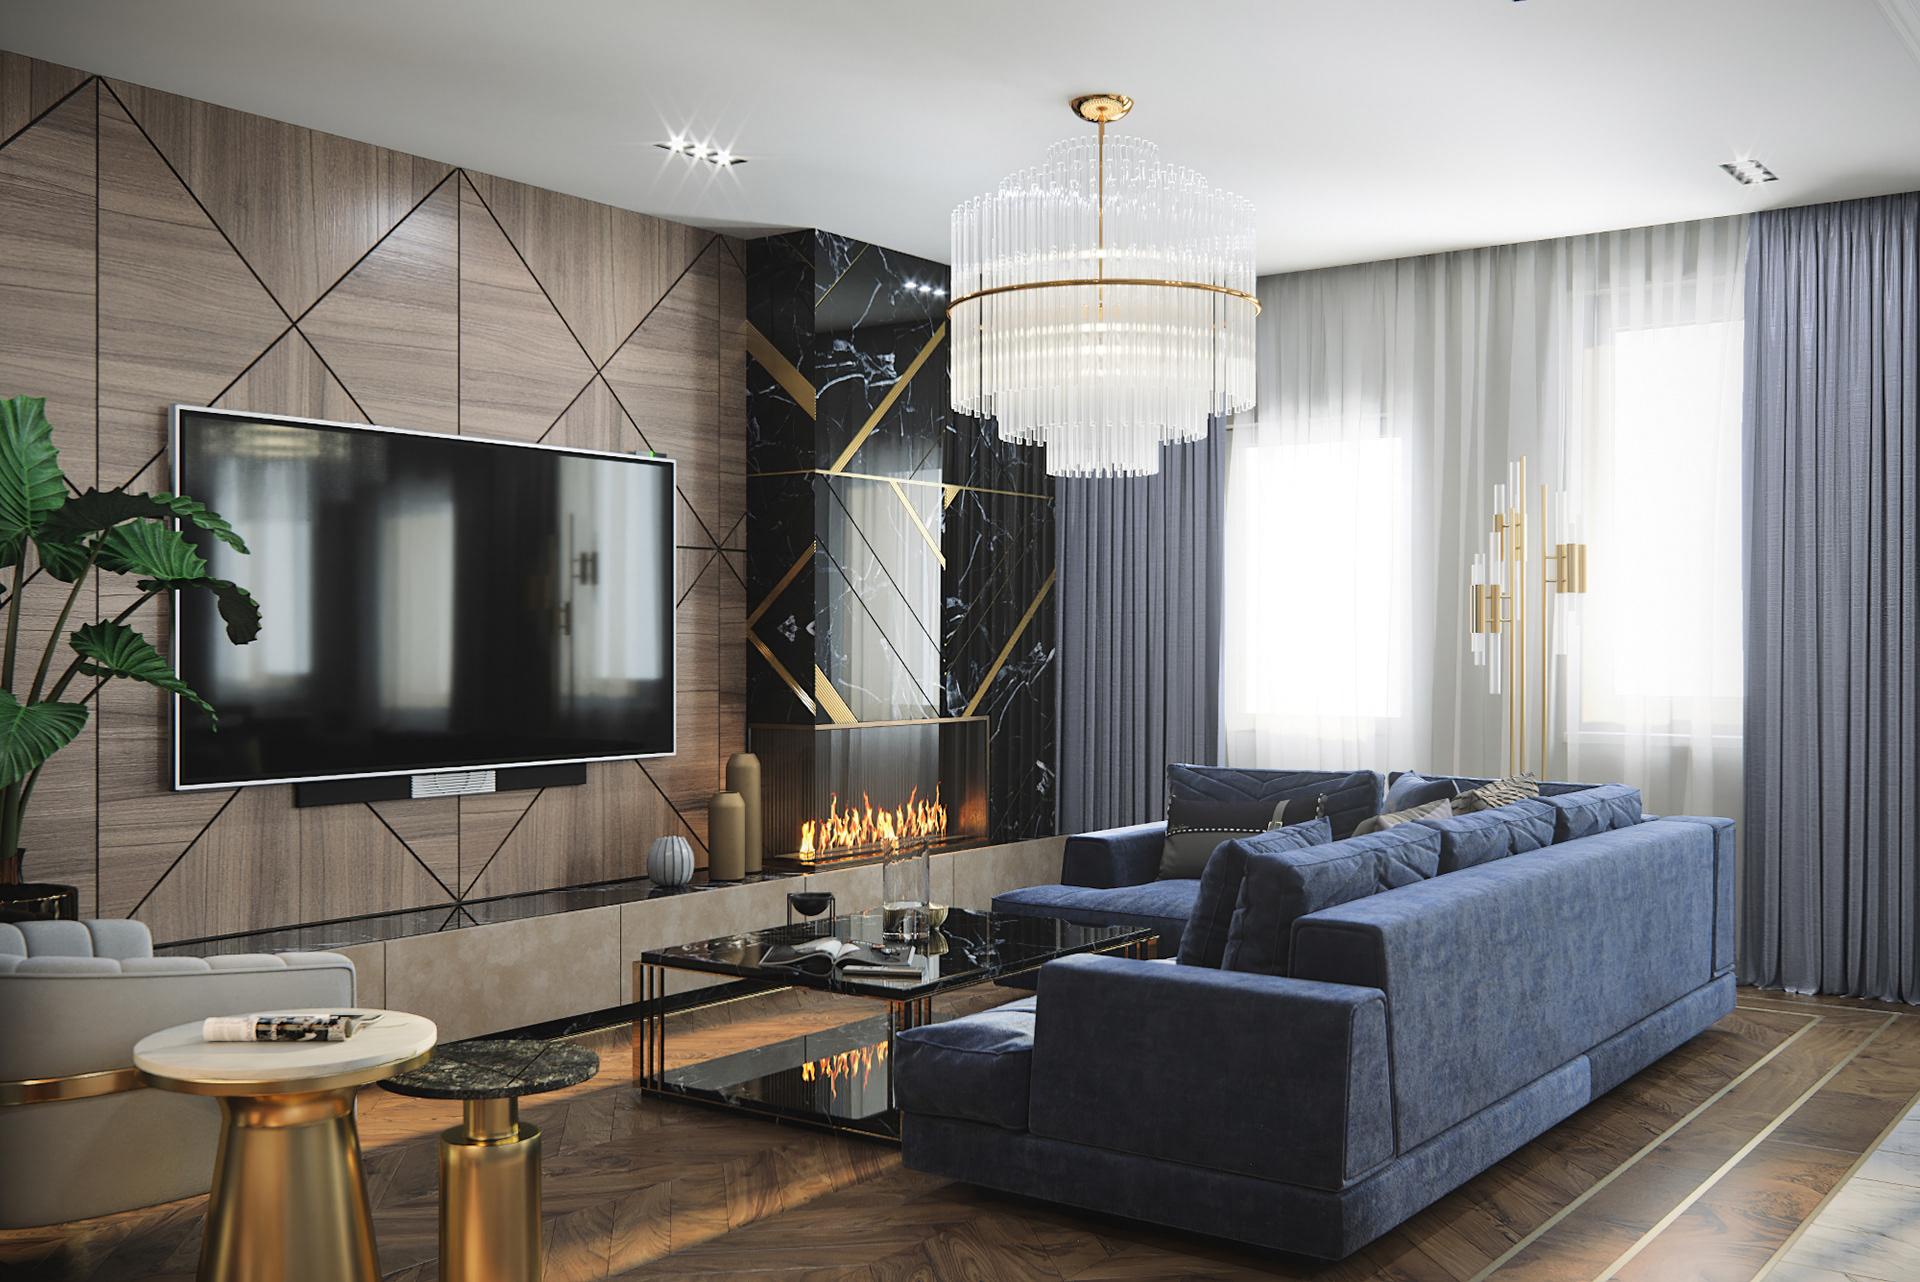 Interior Design,Set Design